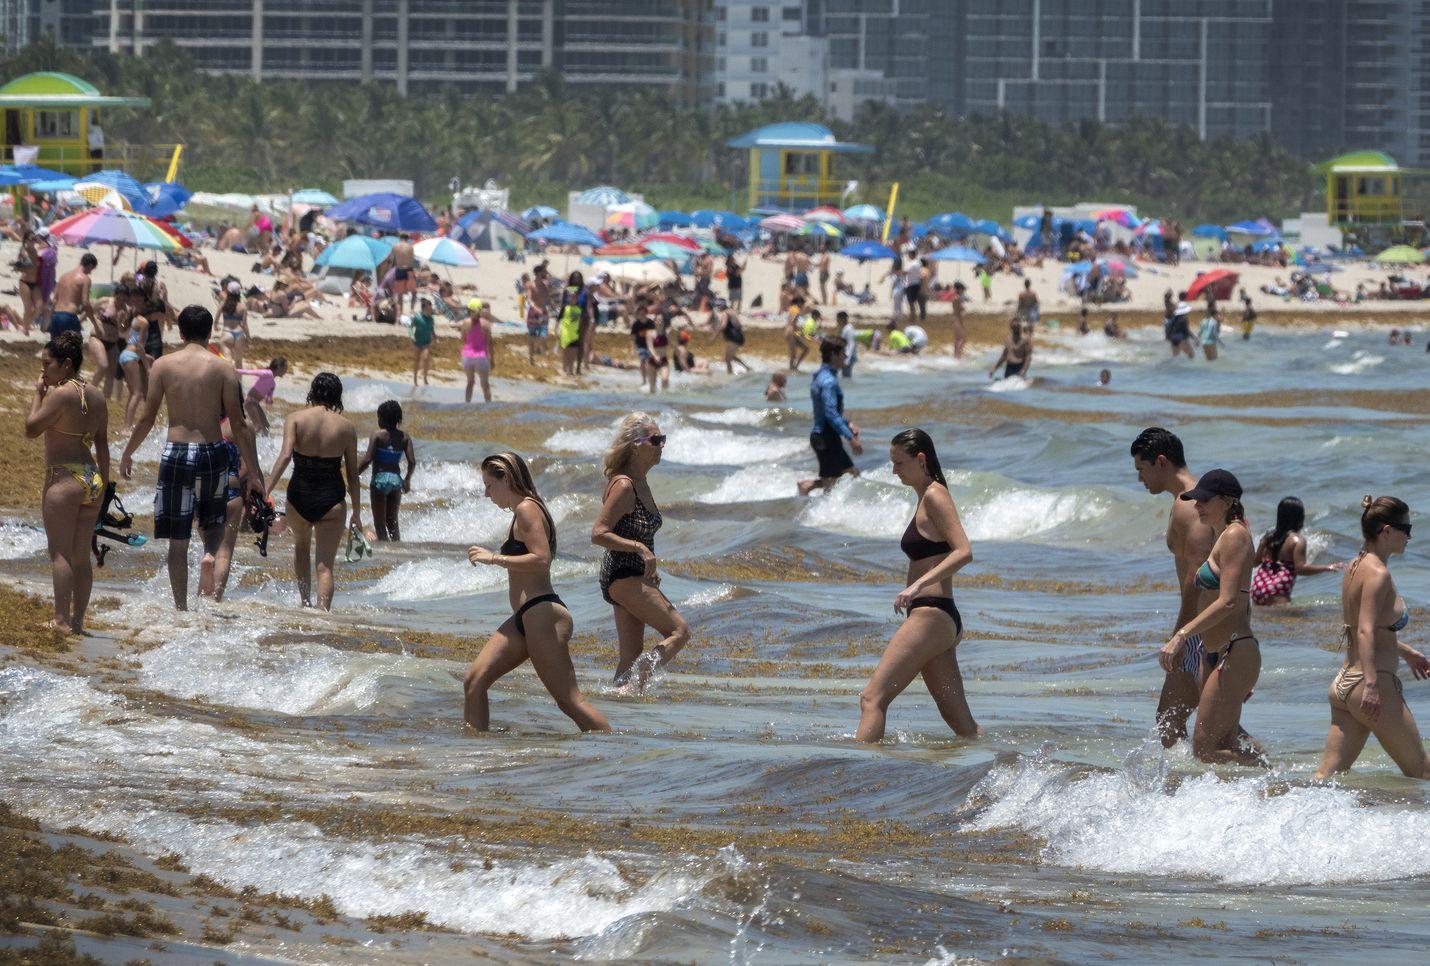 Viime keskiviikkona floridalaisia vietti rantapäivää Miami Beachissa. Osavaltiossa tartunnan saaneiden mediaani-ikä on tippunut reiluun 30 ikävuoteen.